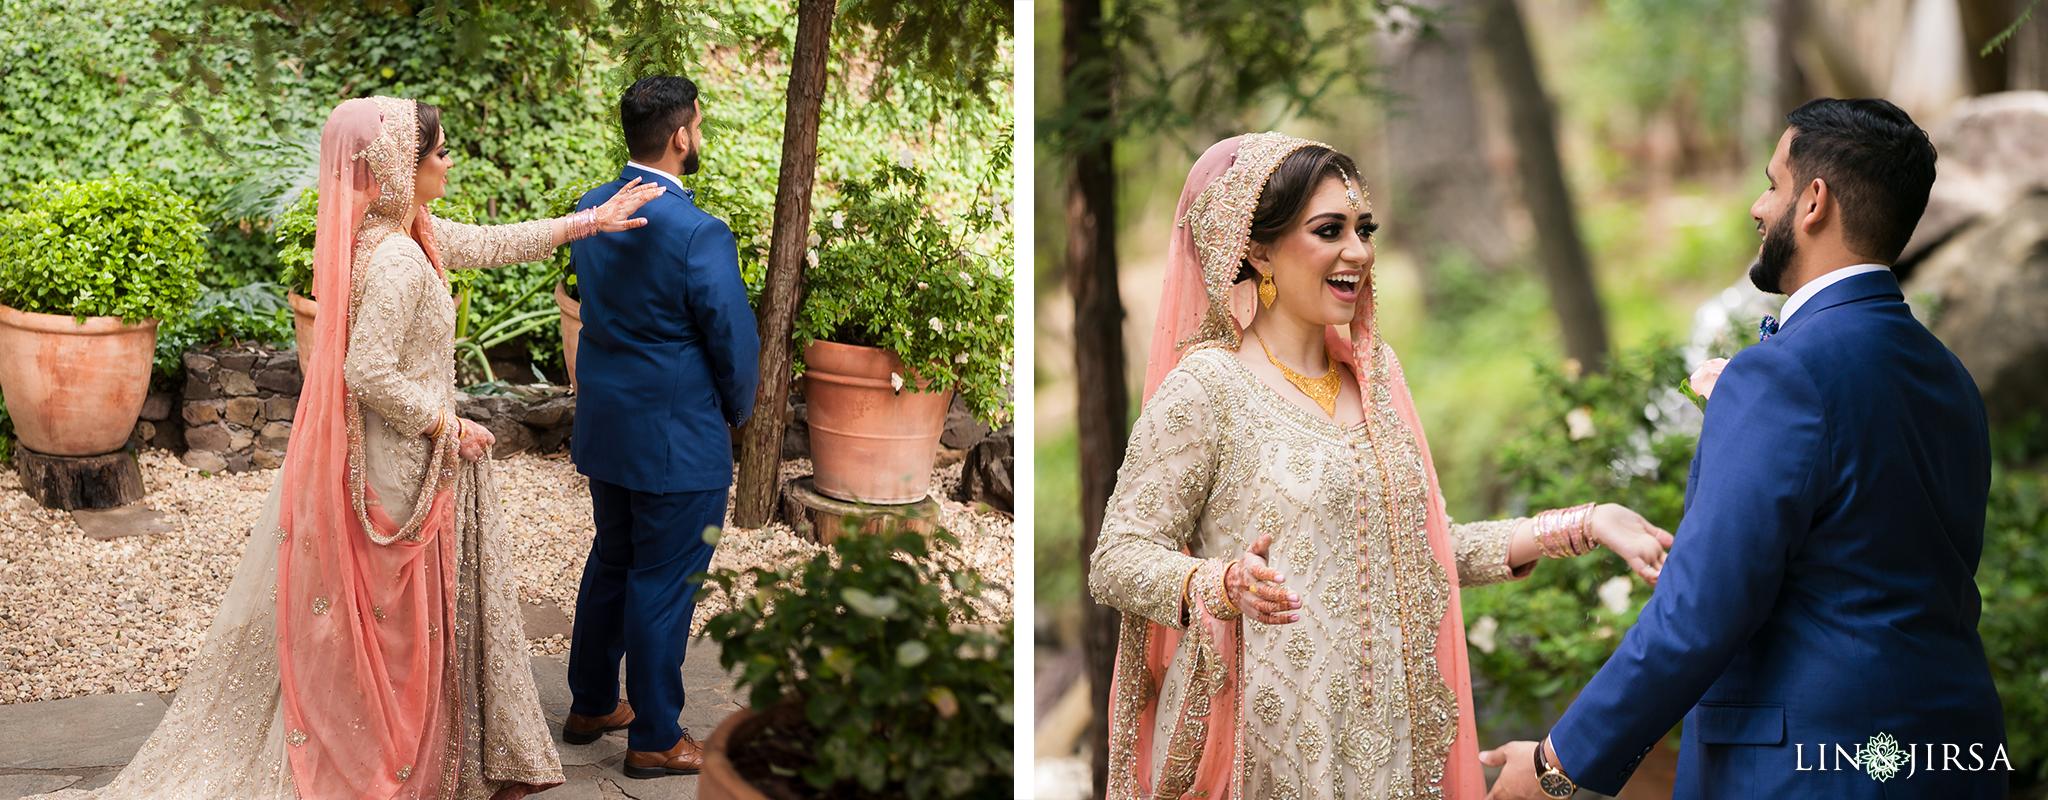 06-calamigos-ranch-muslim-wedding-photography